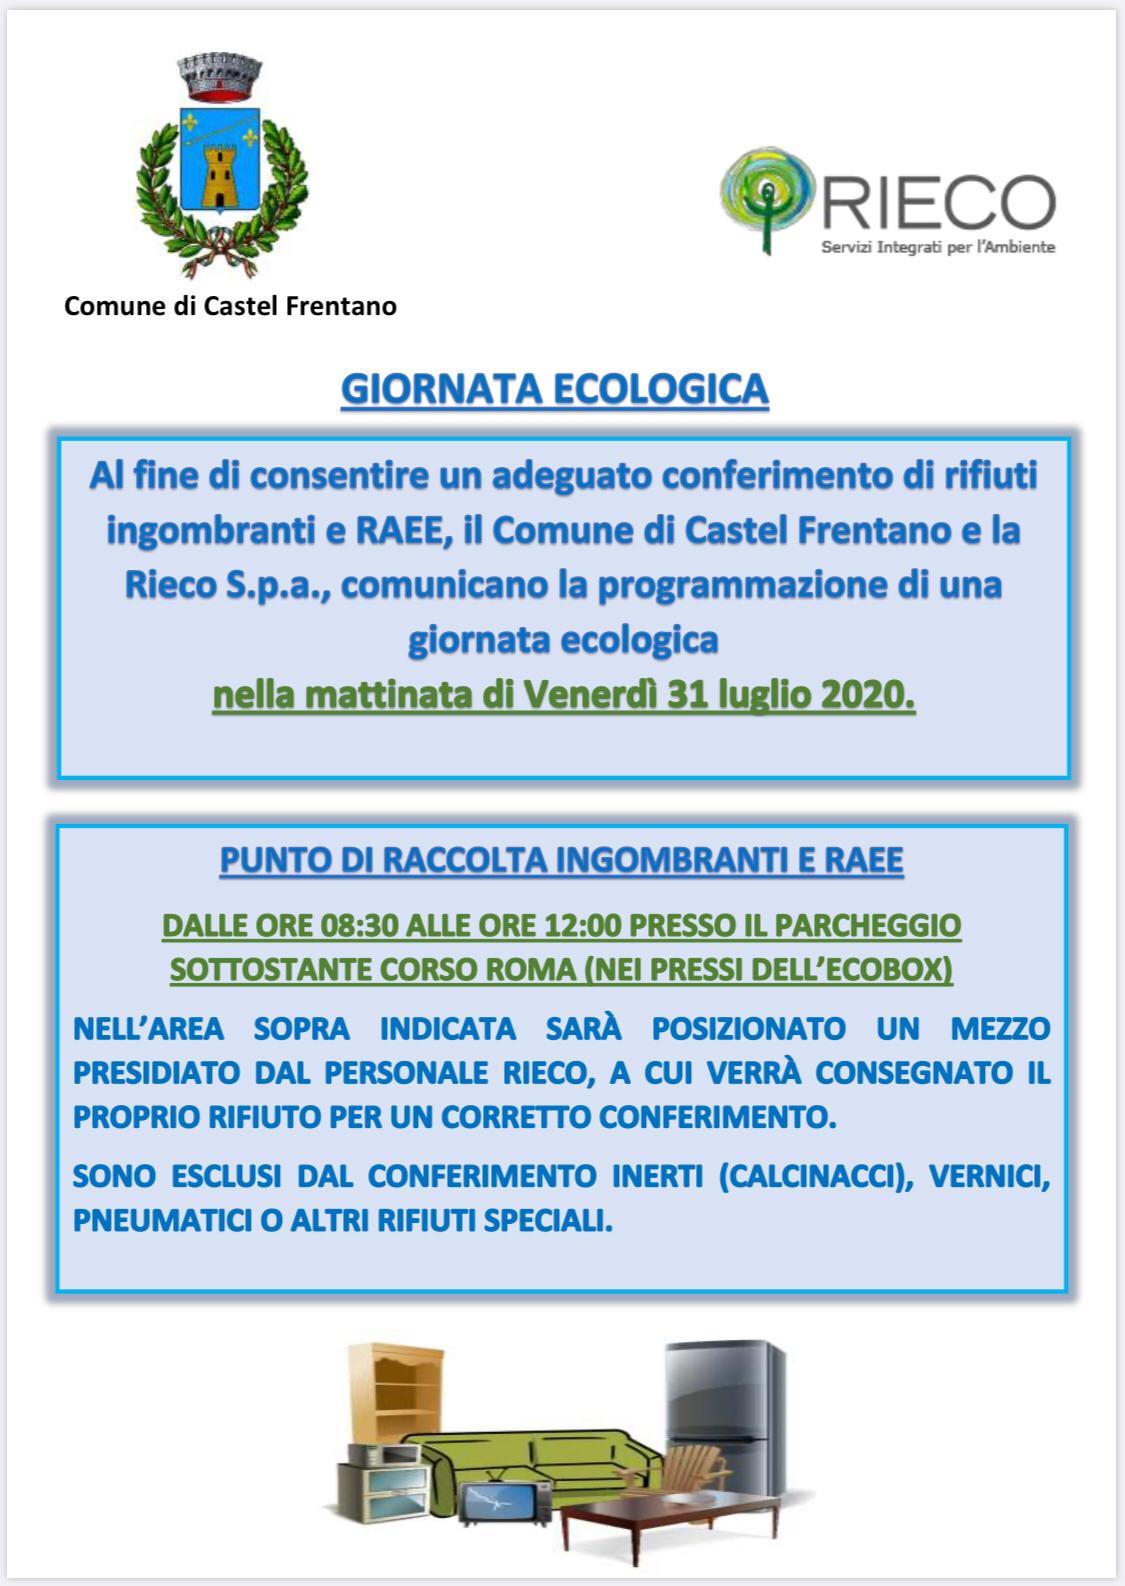 Locandina RIECO 31 luglio 2020